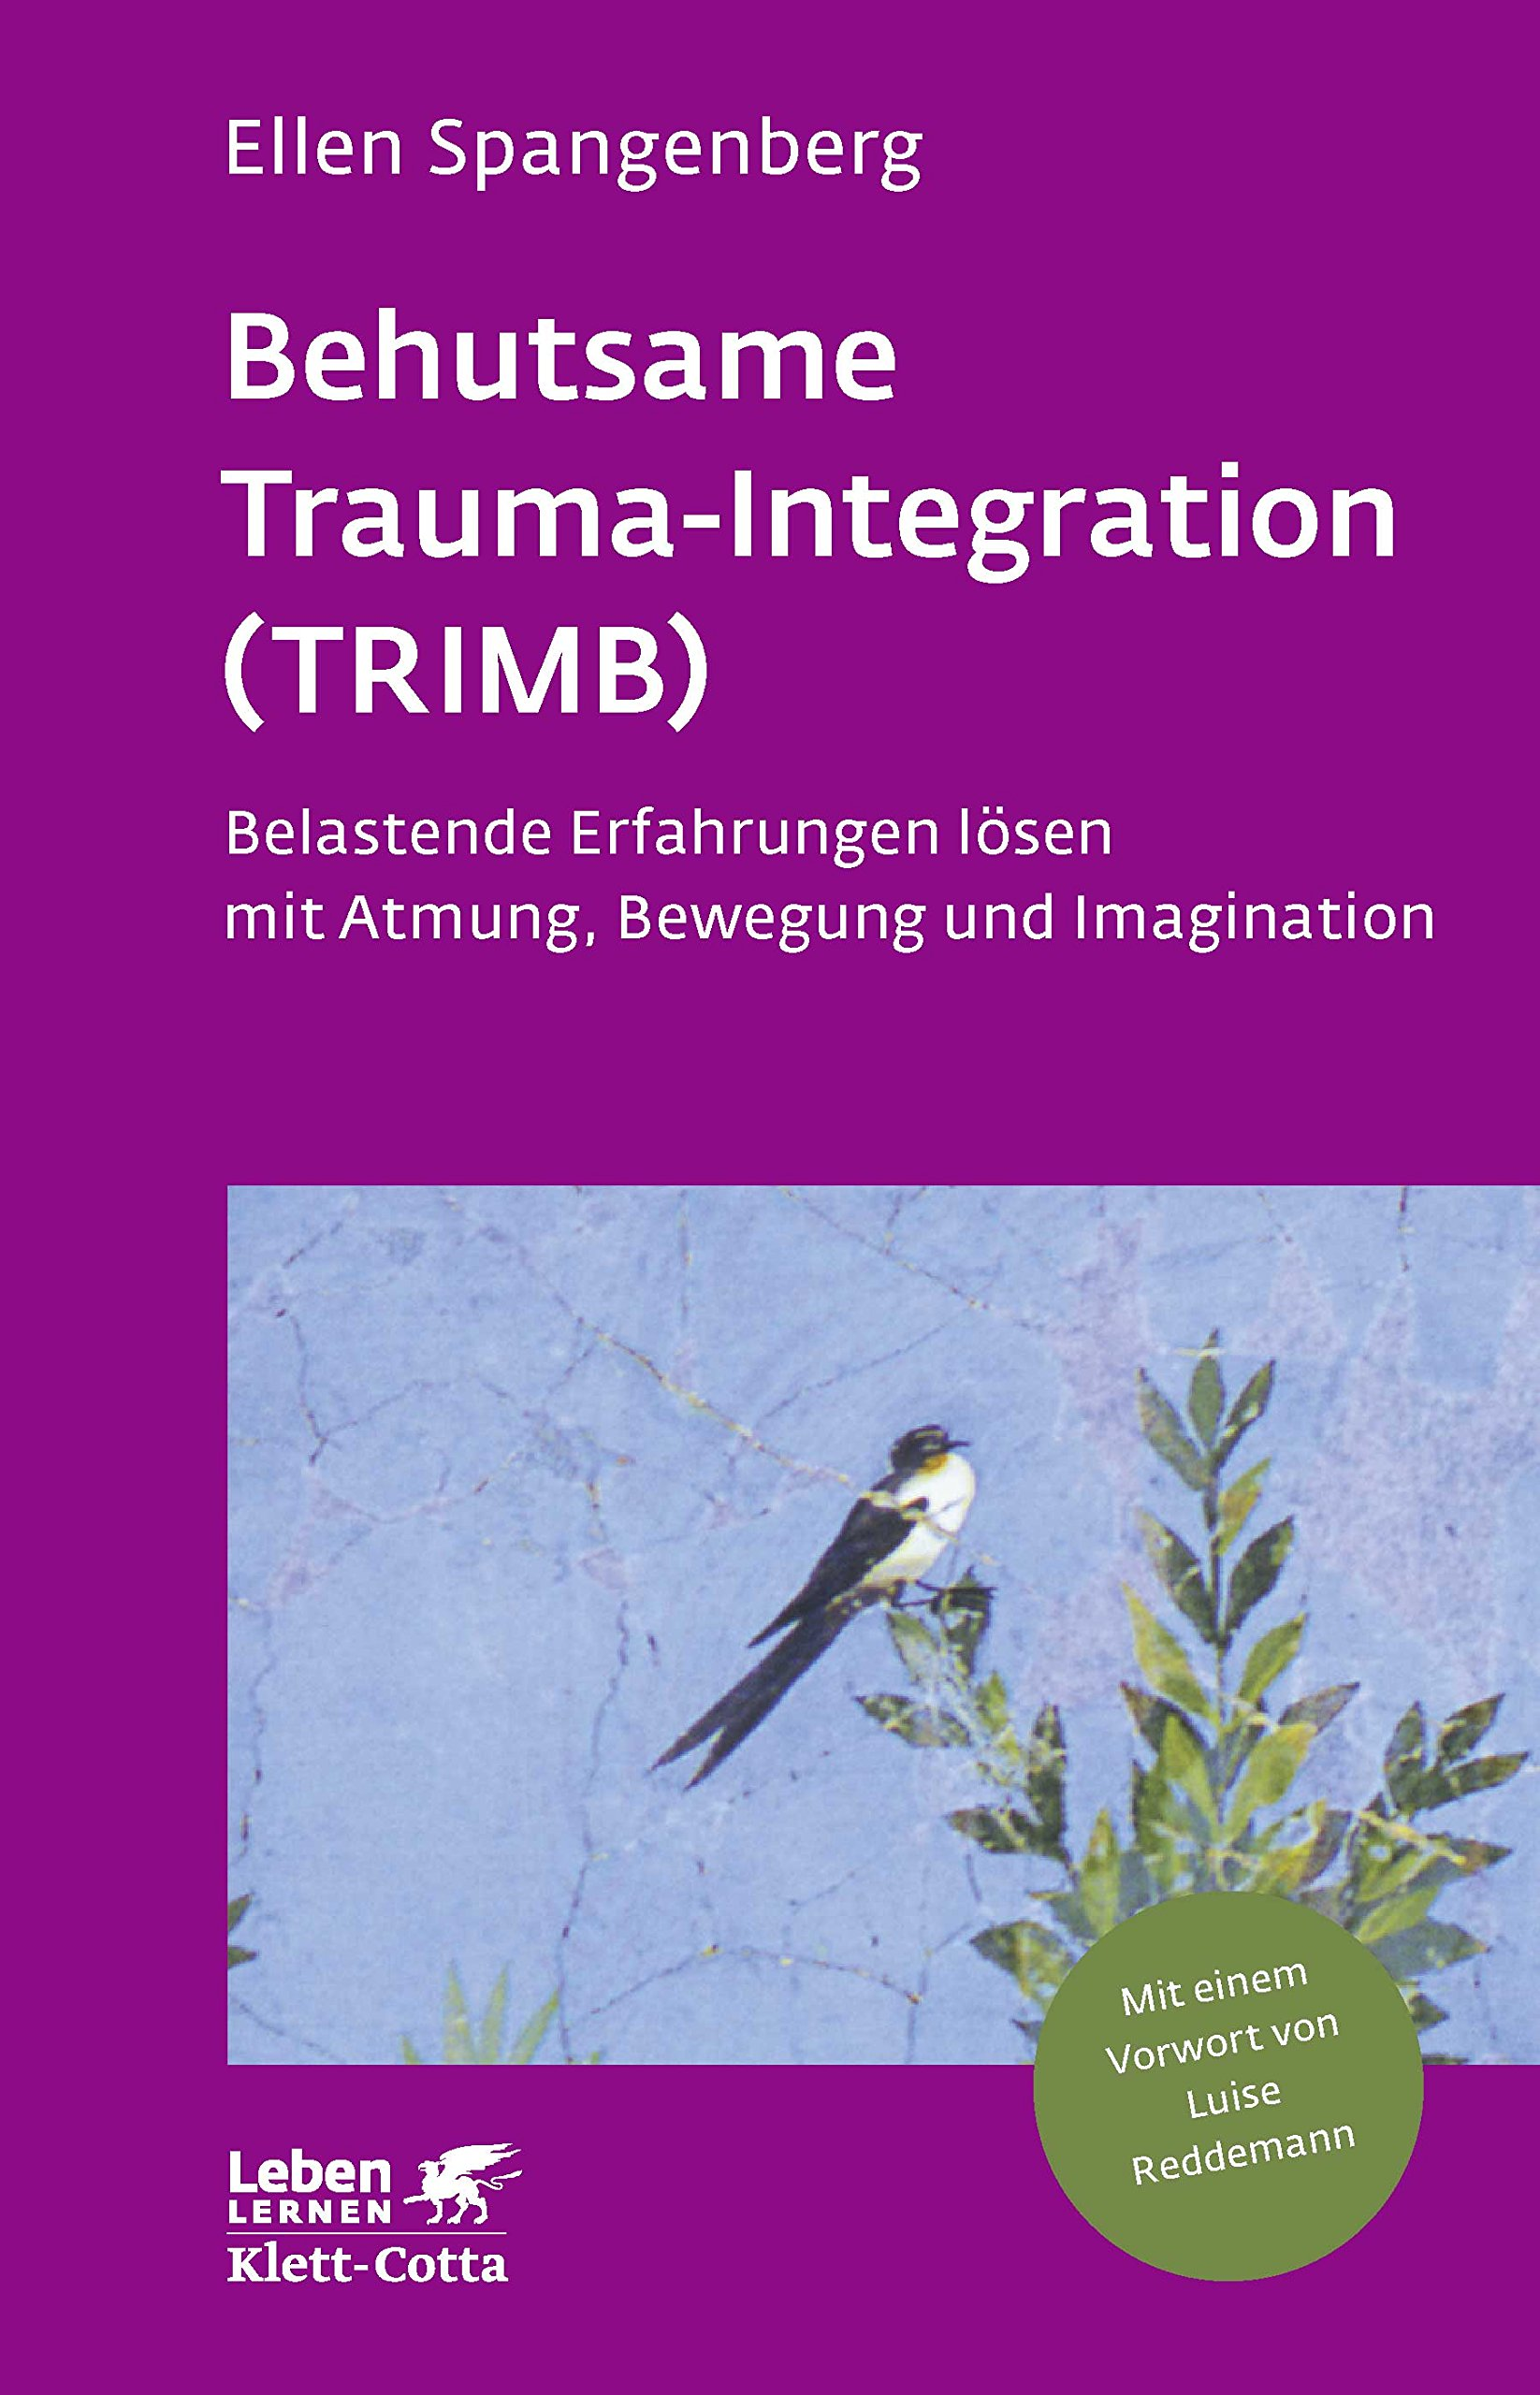 Behutsame Trauma-Integration (TRIMB): Belastende Erfahrungen lösen mit Atmung, Bewegung und Imagination (Leben lernen)